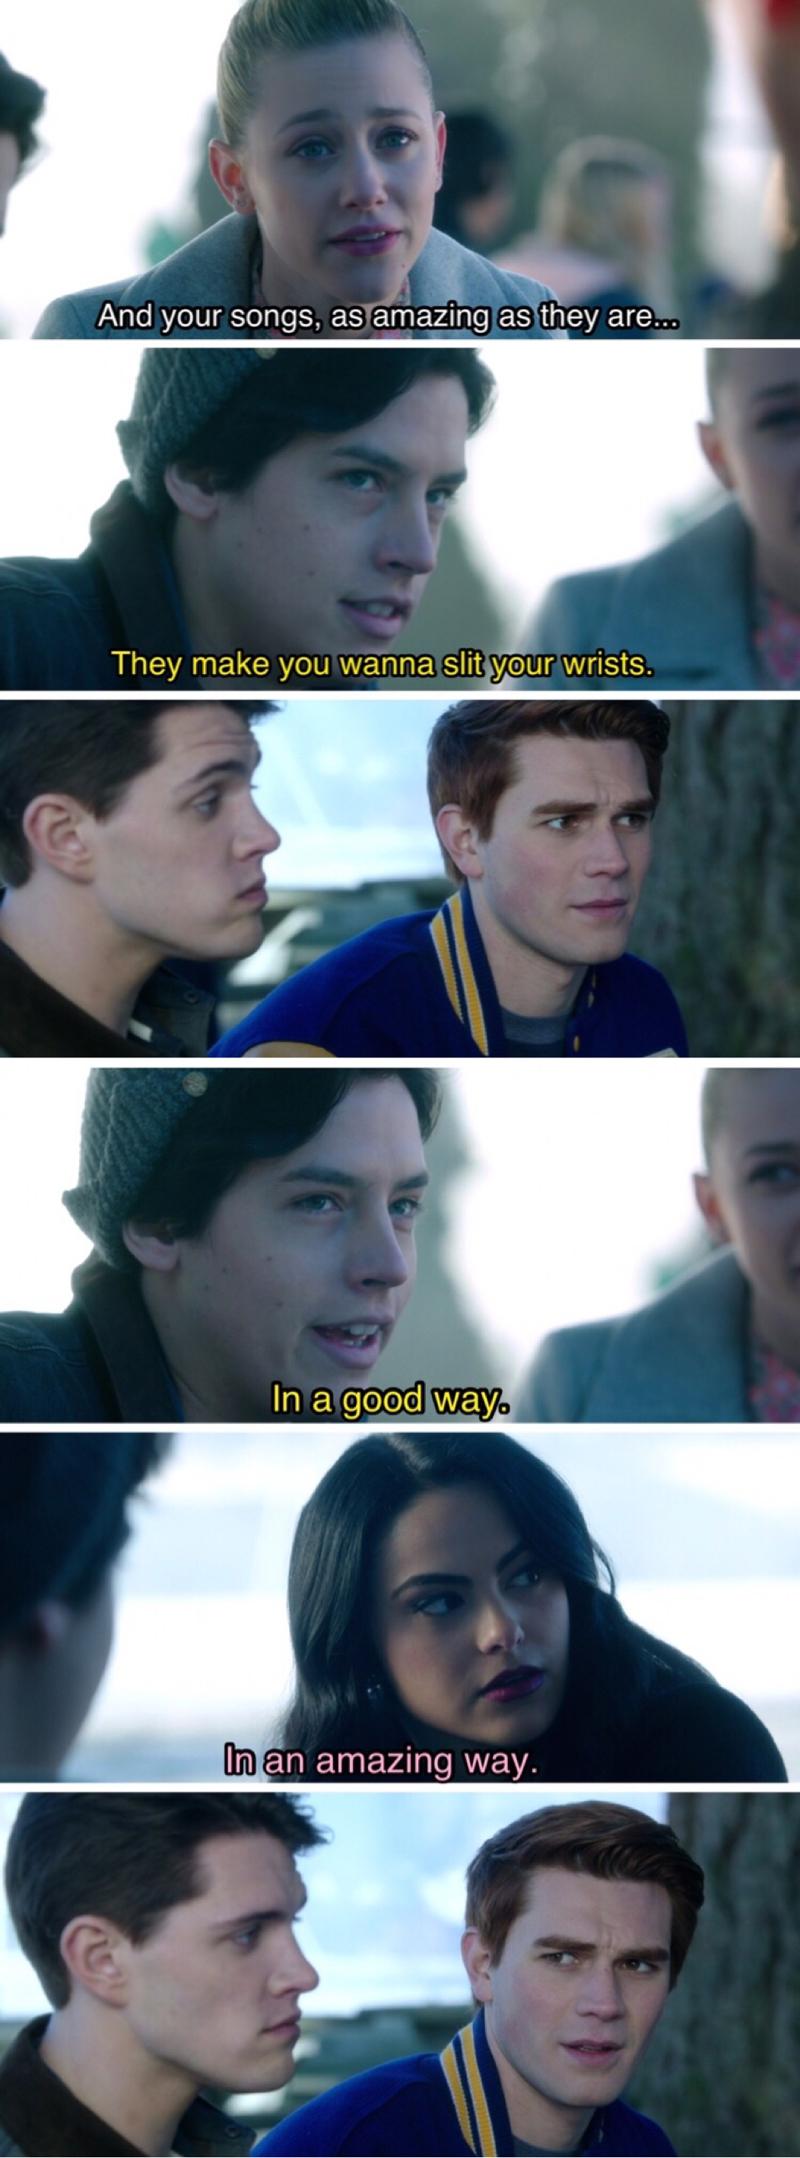 🙊 Poor Archie 😐